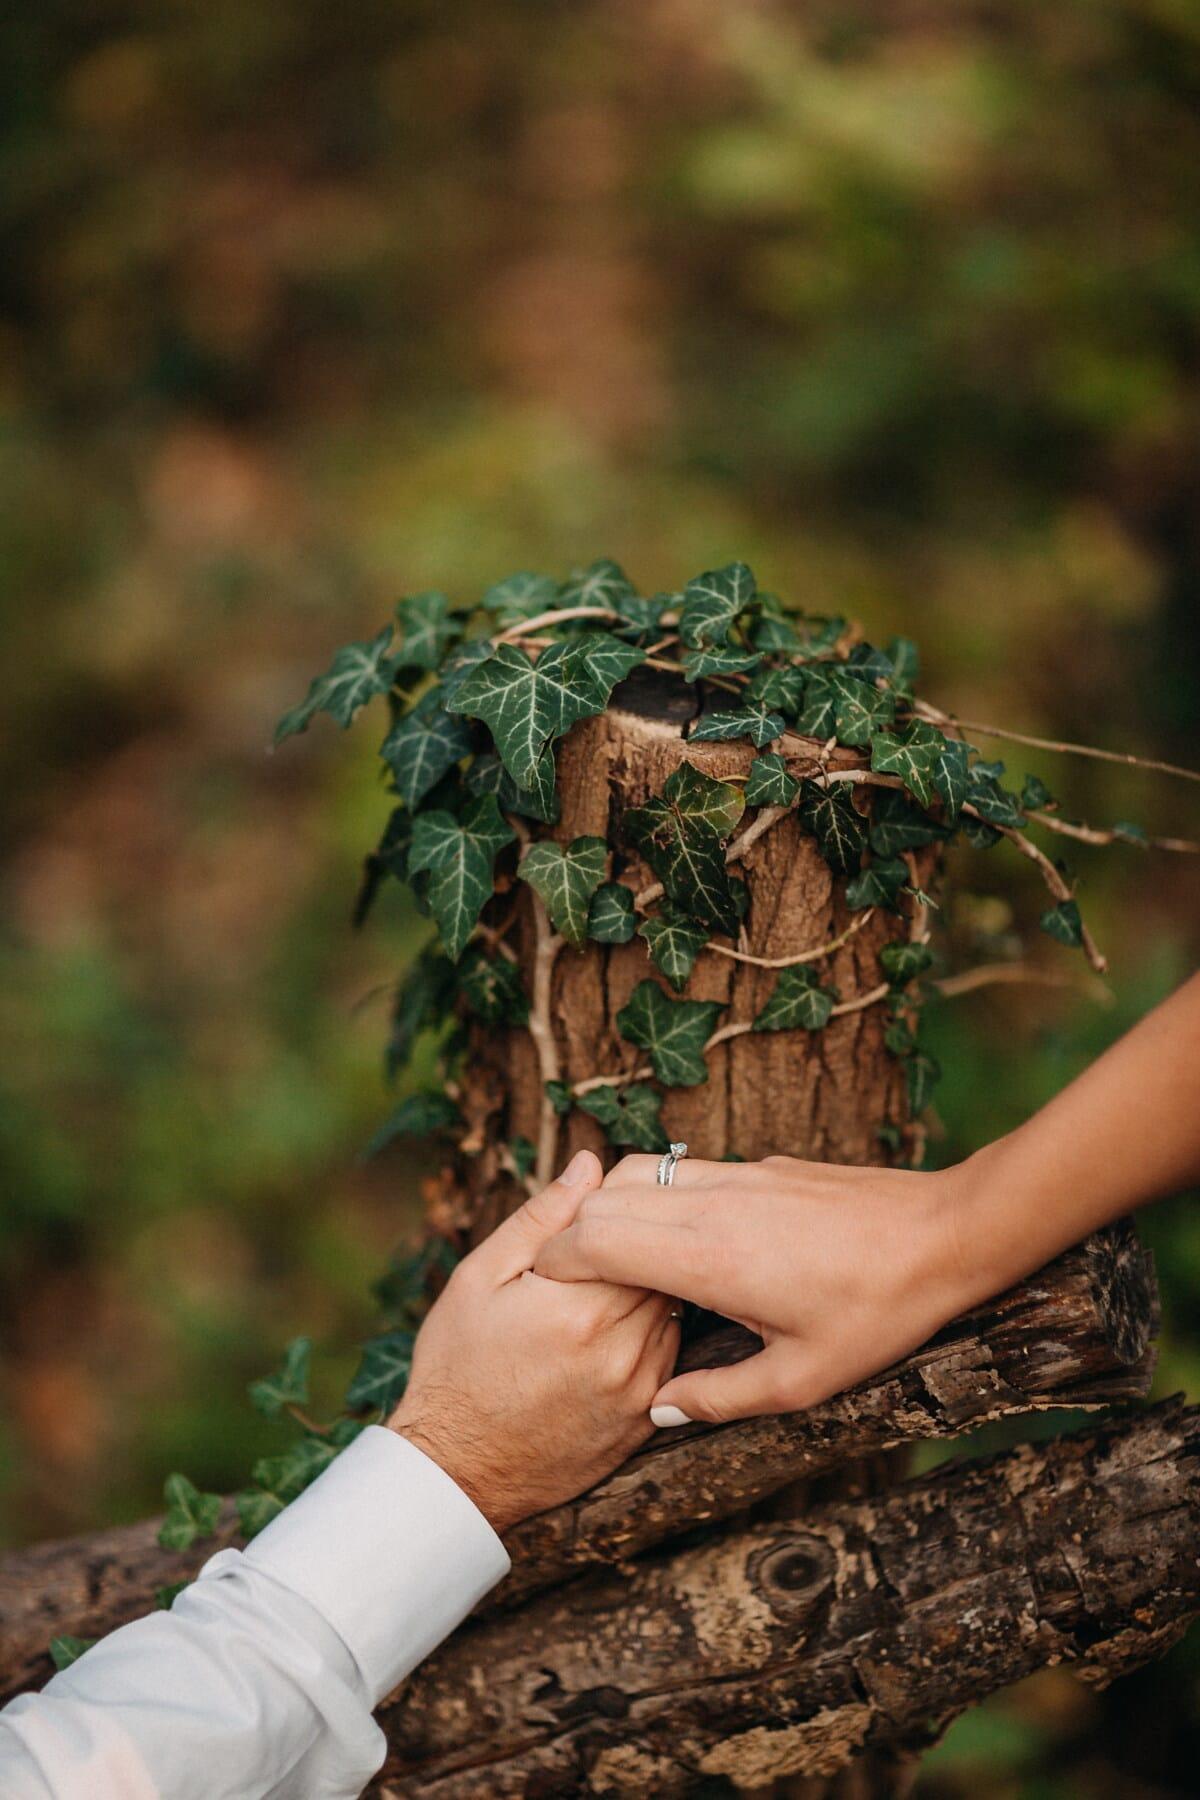 drželi se za ruce, plot, břečťan, příroda, kořeny, zelené listy, lidé, strom, list, žena